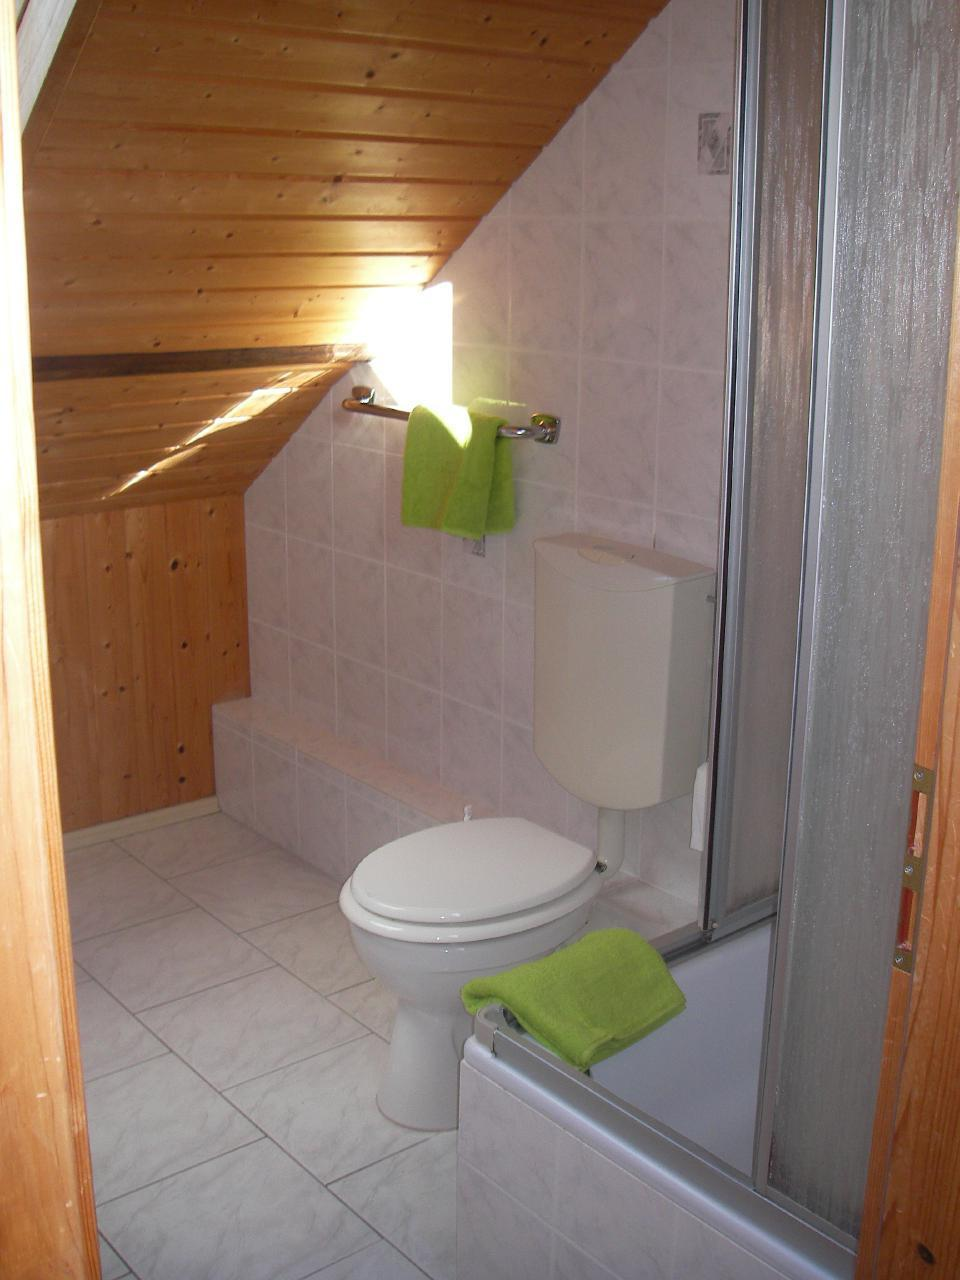 Ferienwohnung Haus Hilde Wohnung 2 (993407), Presseck, Oberfranken, Bayern, Deutschland, Bild 18